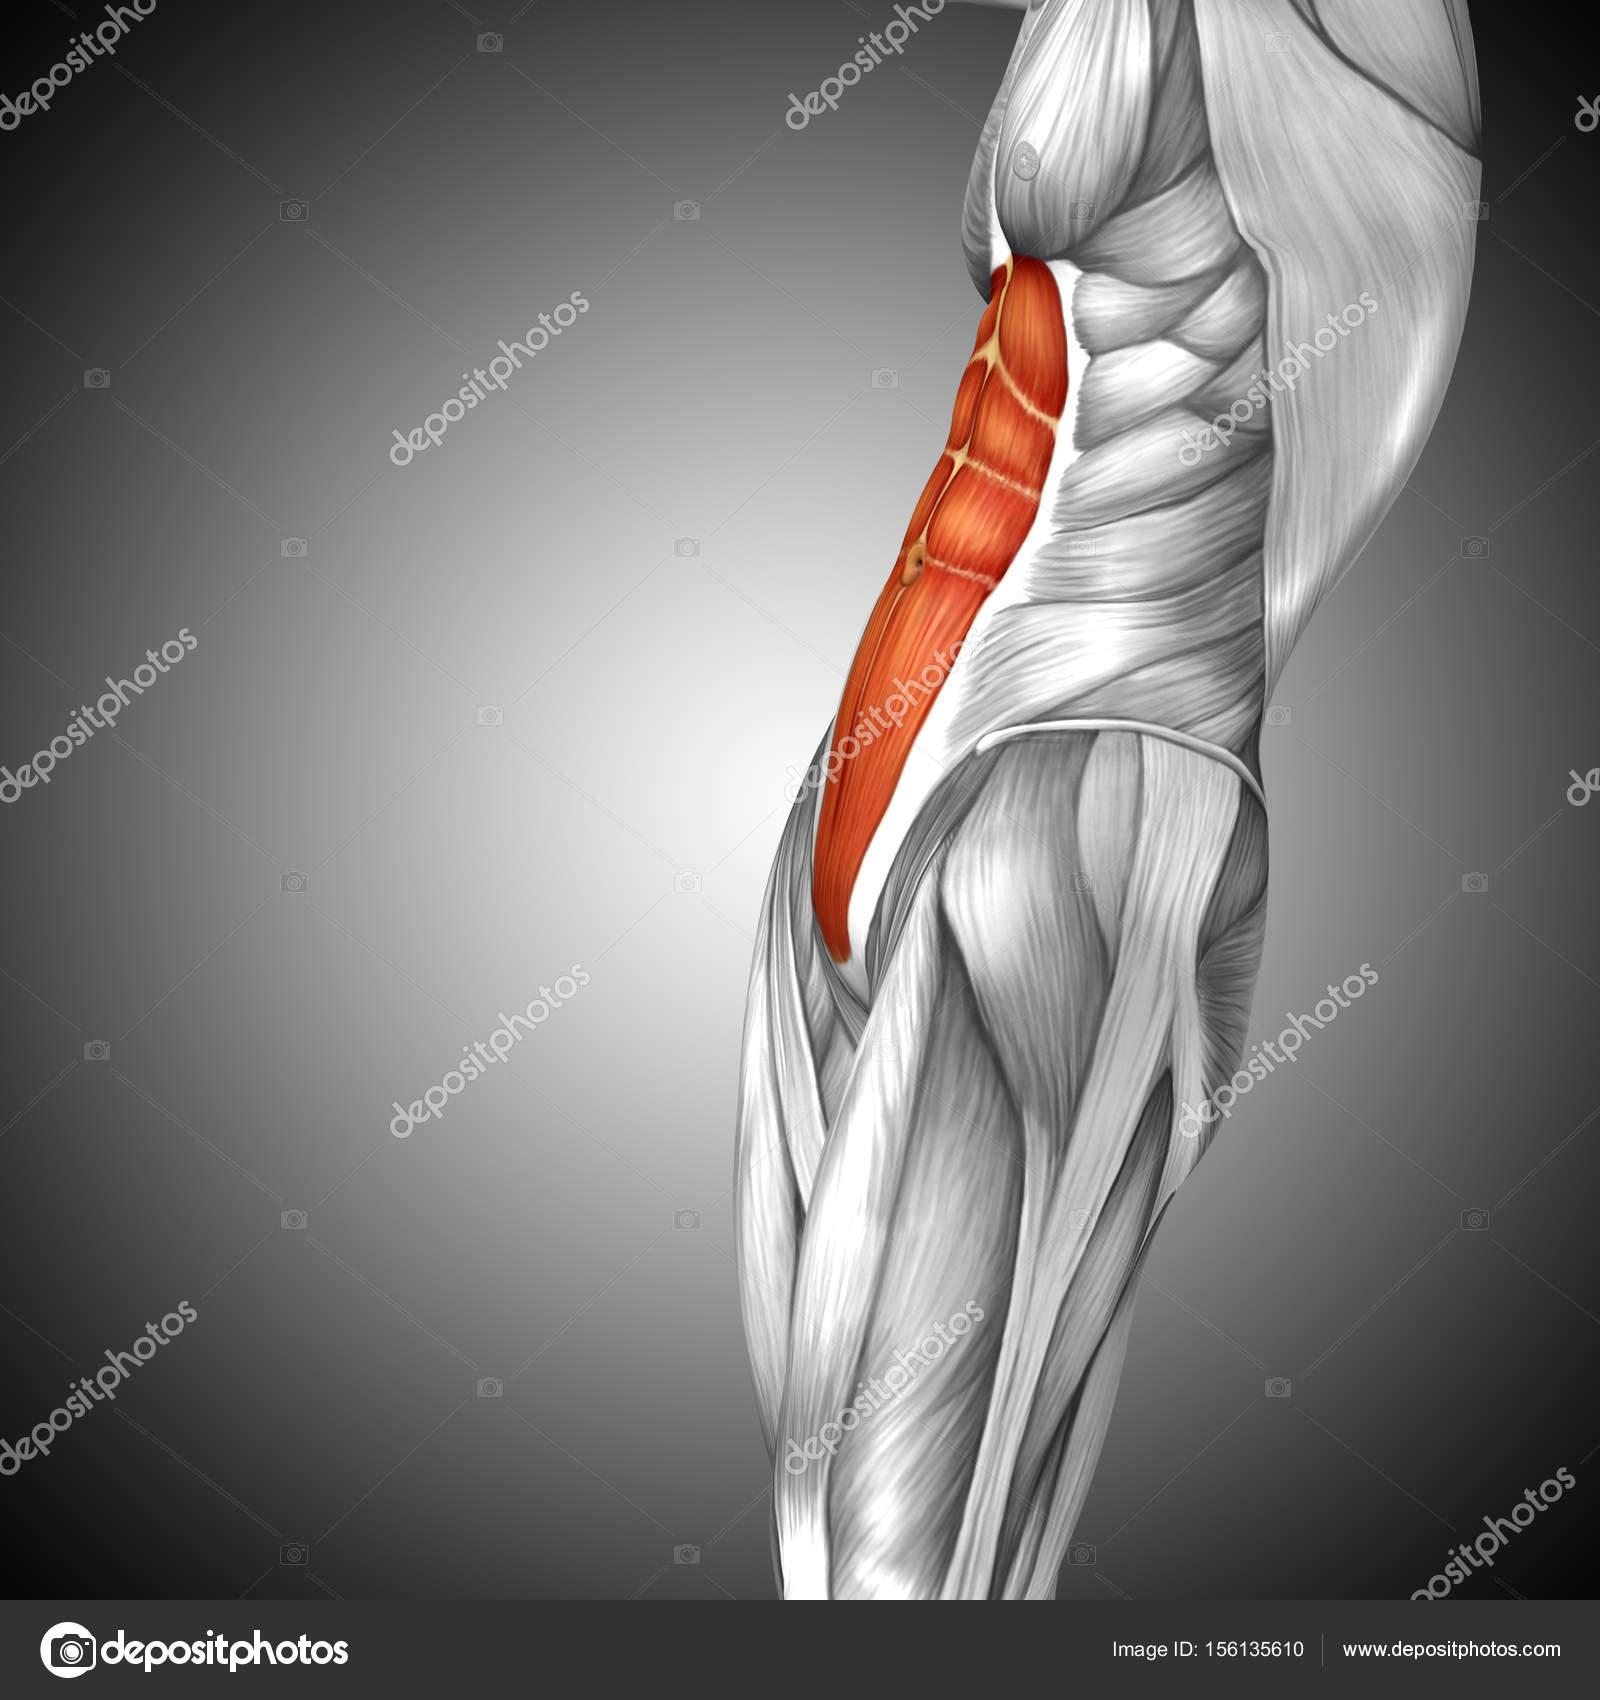 Anatomie der menschlichen Brust — Stockfoto © design36 #156135610